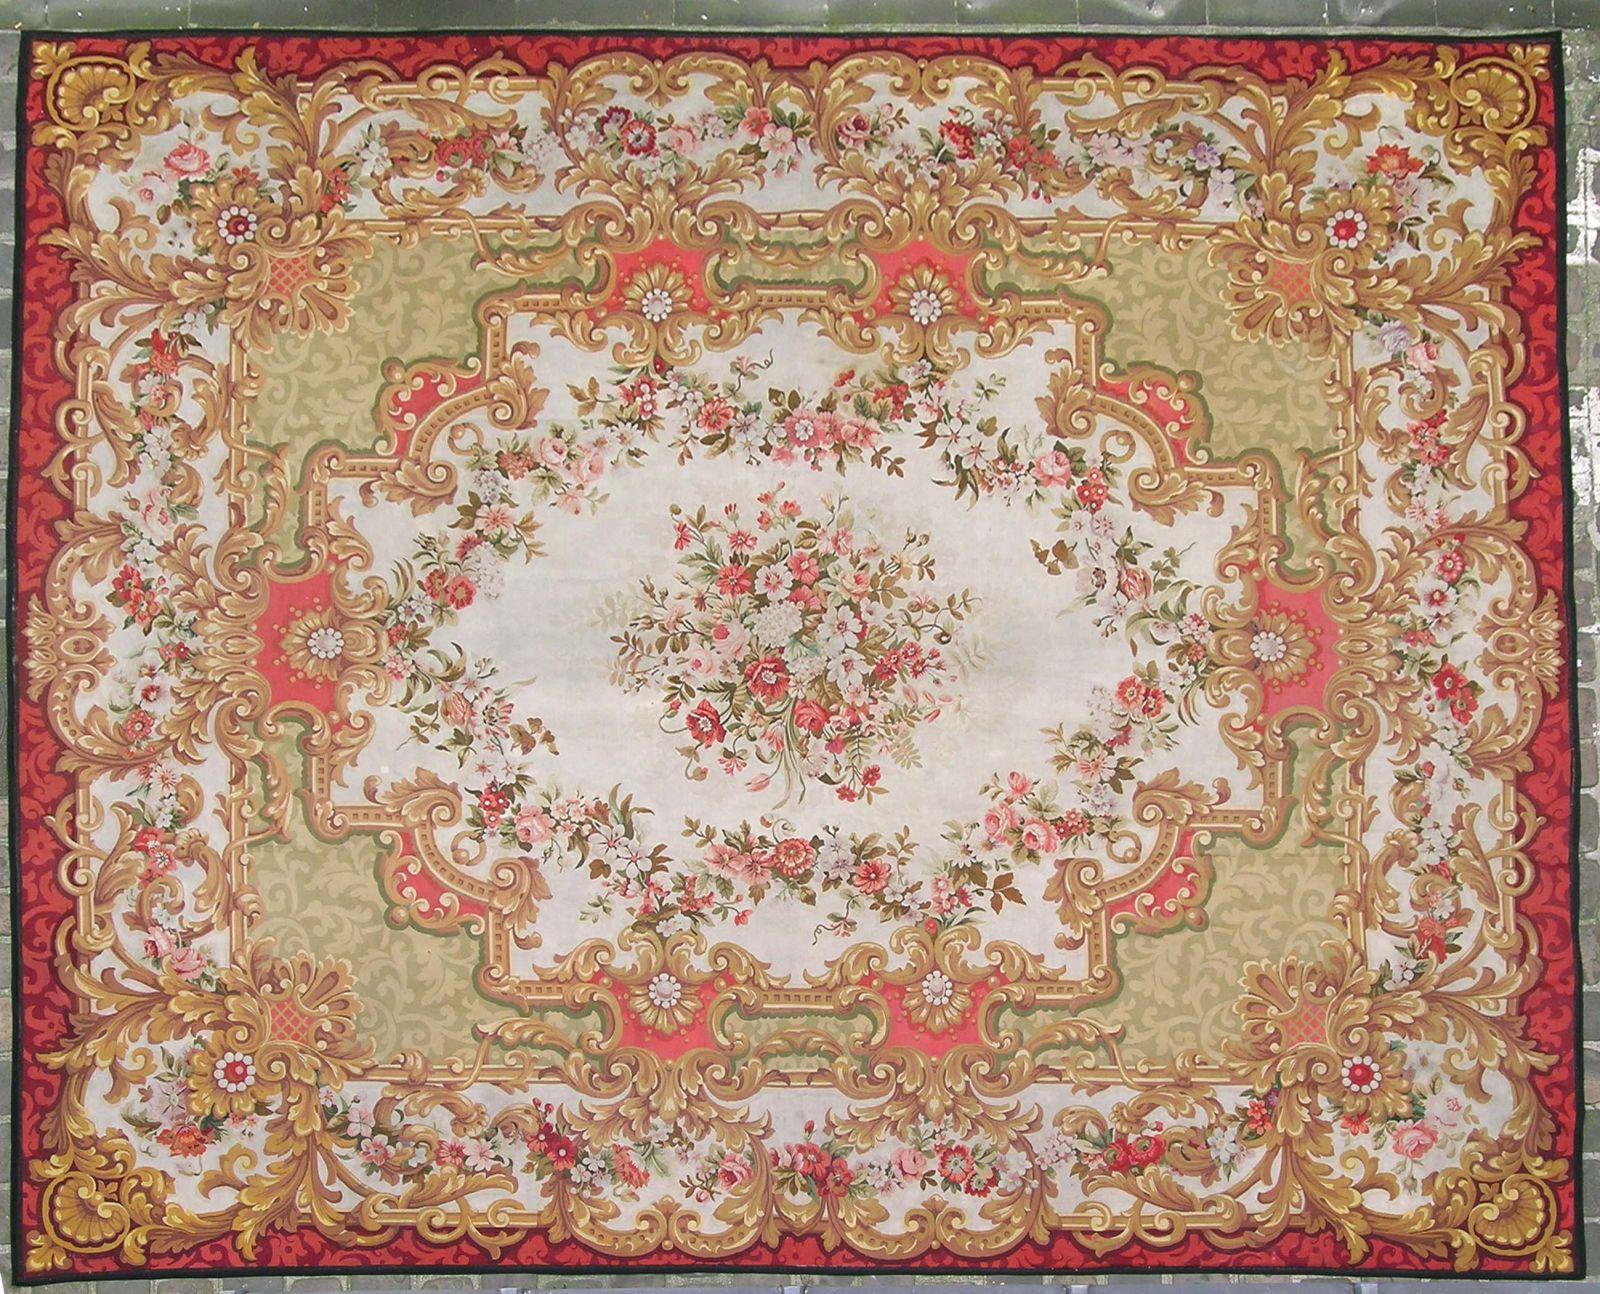 achat vente tapis aubusson les ateliers d 39 aubusson est connu au d but des ann es 1740 1750 comme. Black Bedroom Furniture Sets. Home Design Ideas